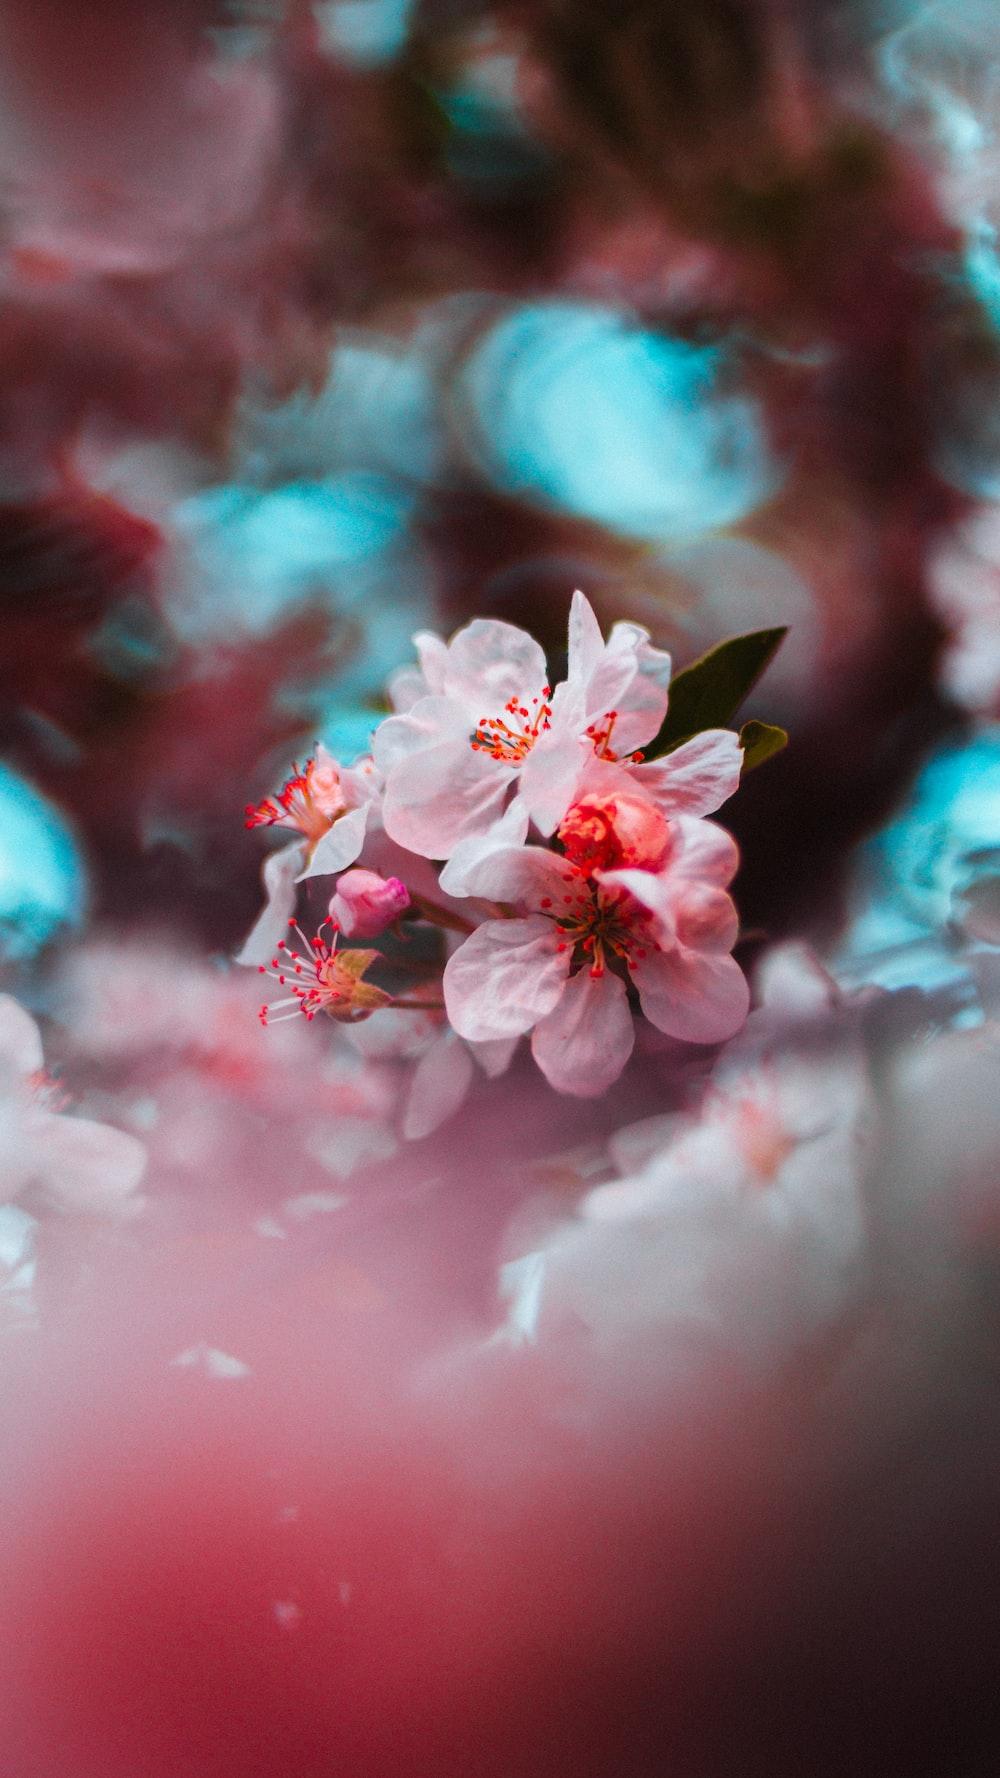 pink flowering tree in bloom